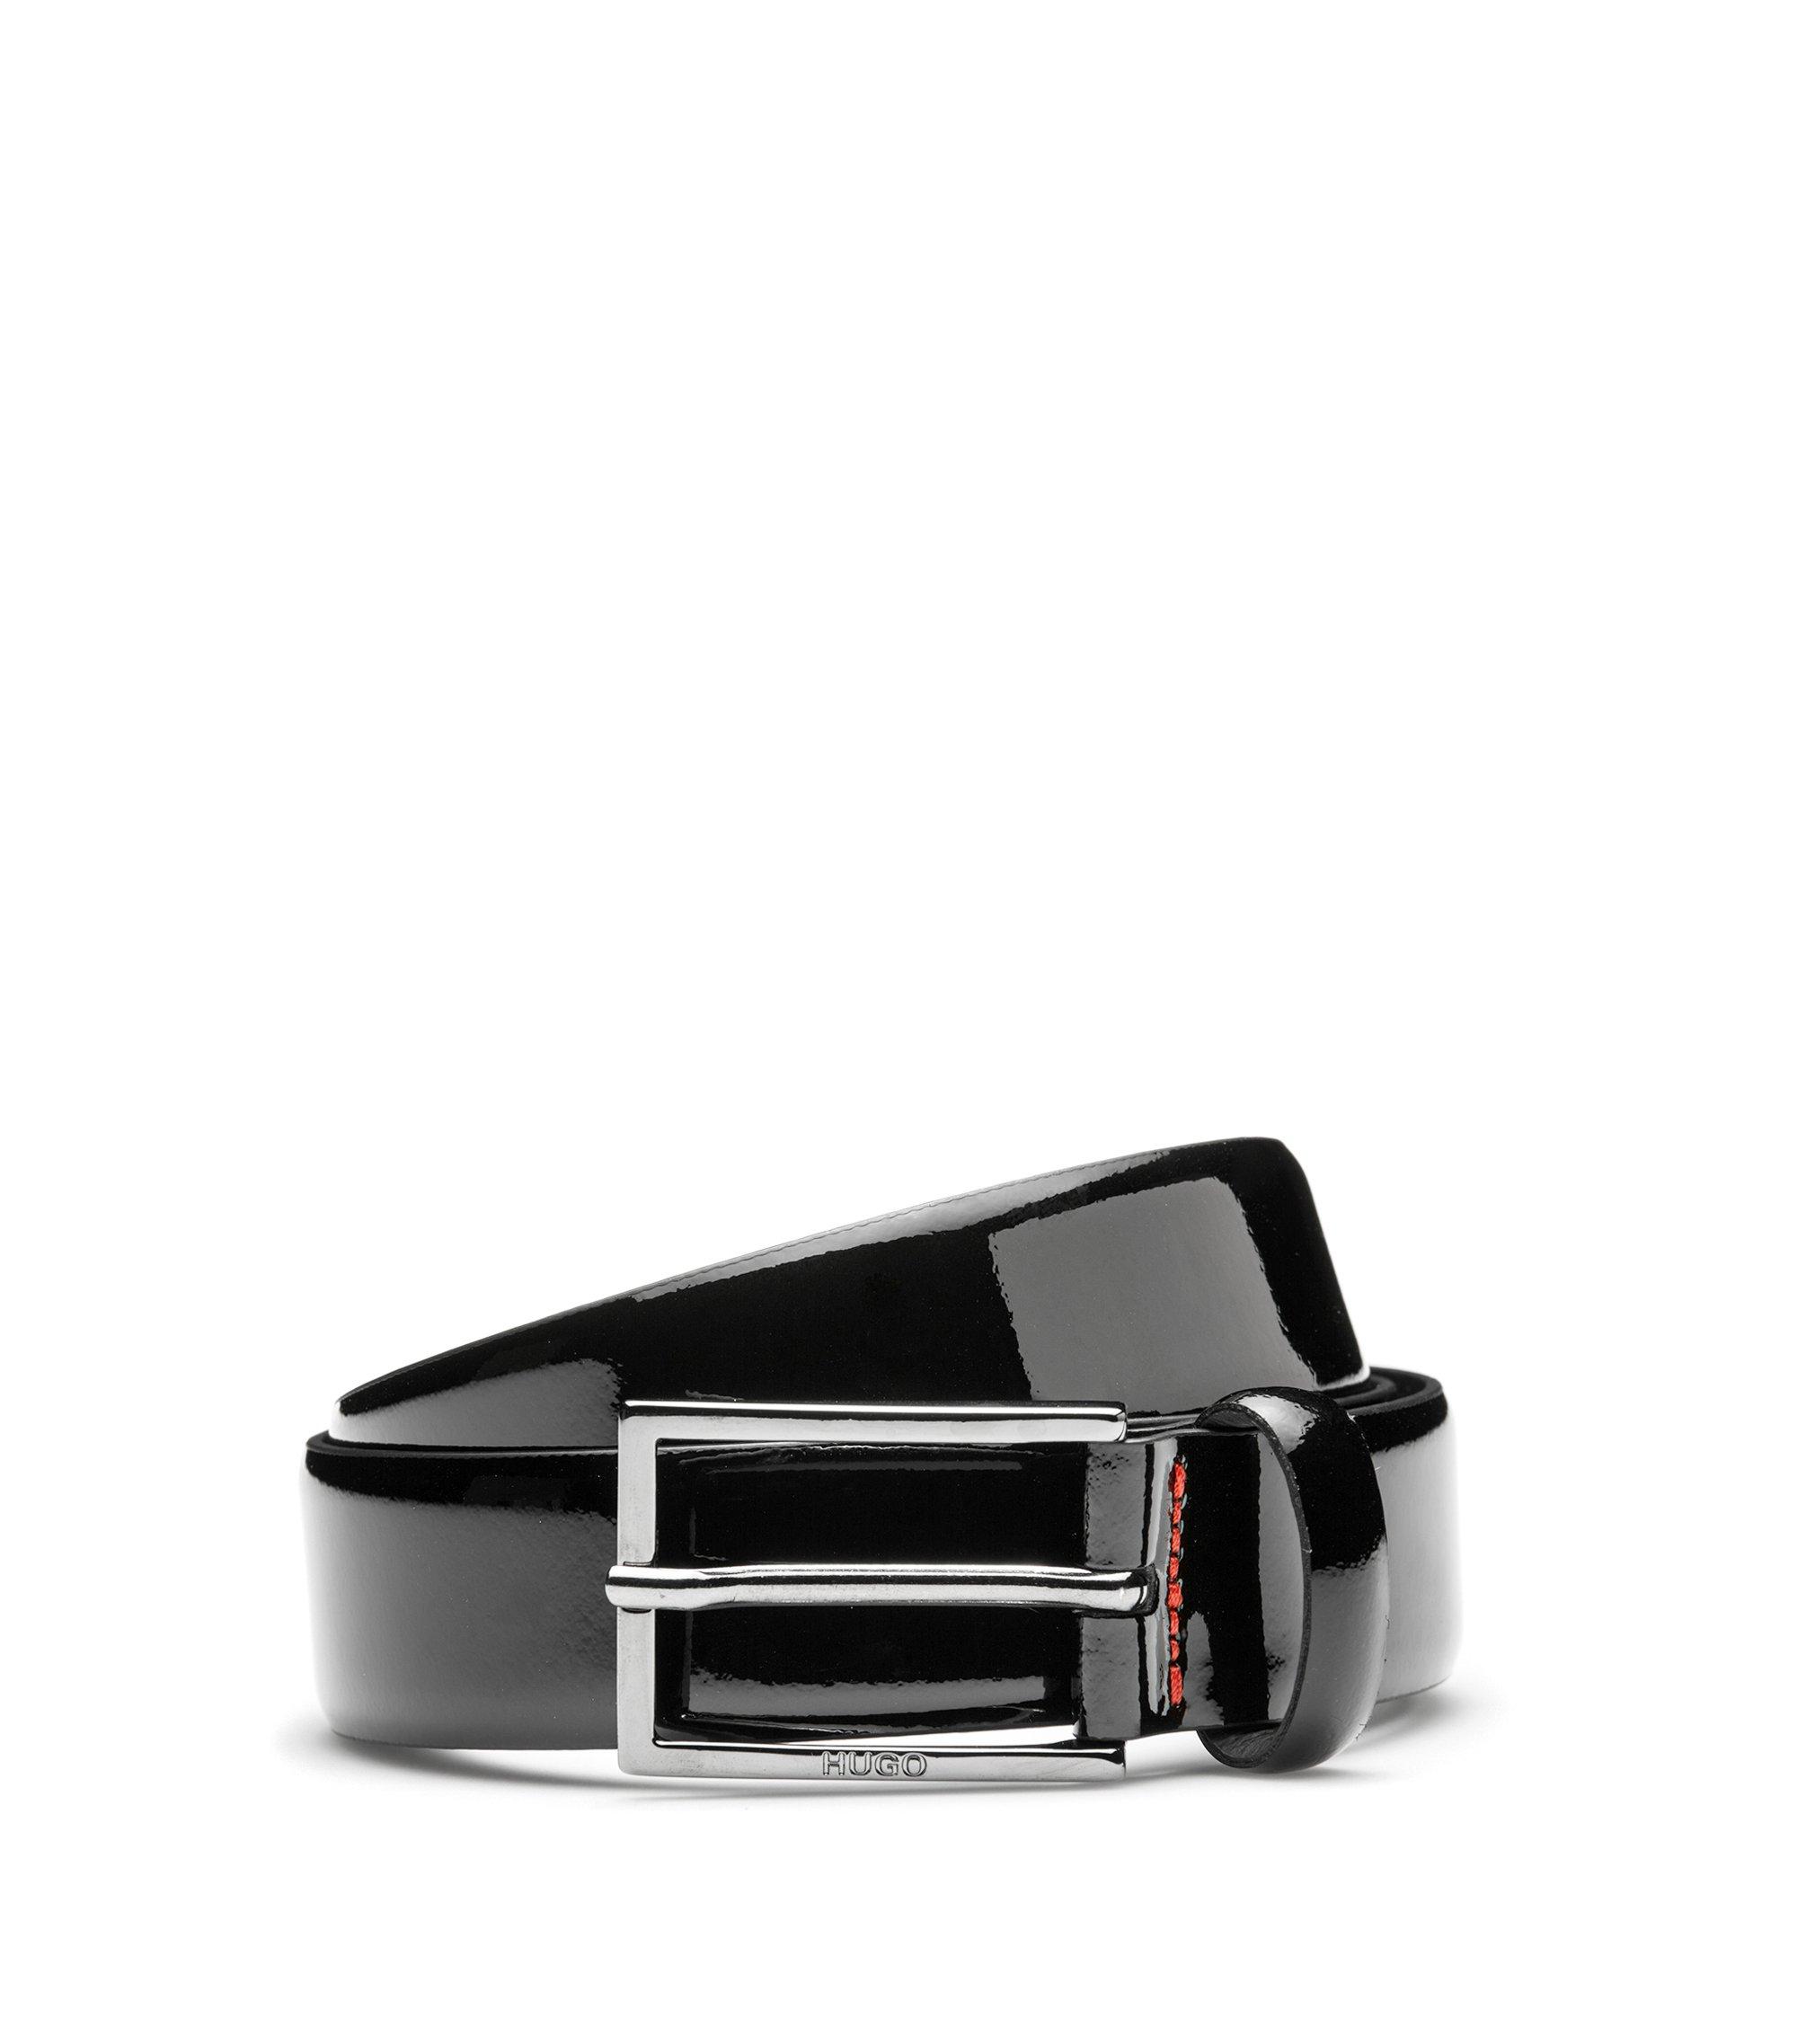 Cintura in pelle verniciata con effetto bicolore, Nero